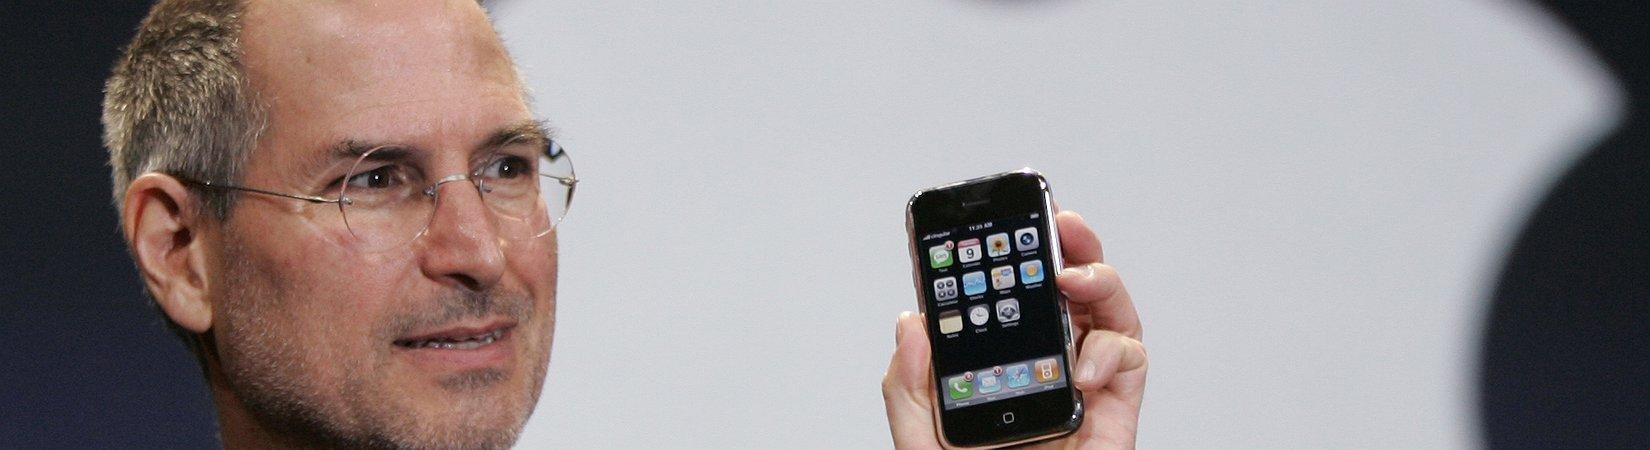 ¿Cuánto dinero habría ganado si hubiera invertido en Apple en 2007?